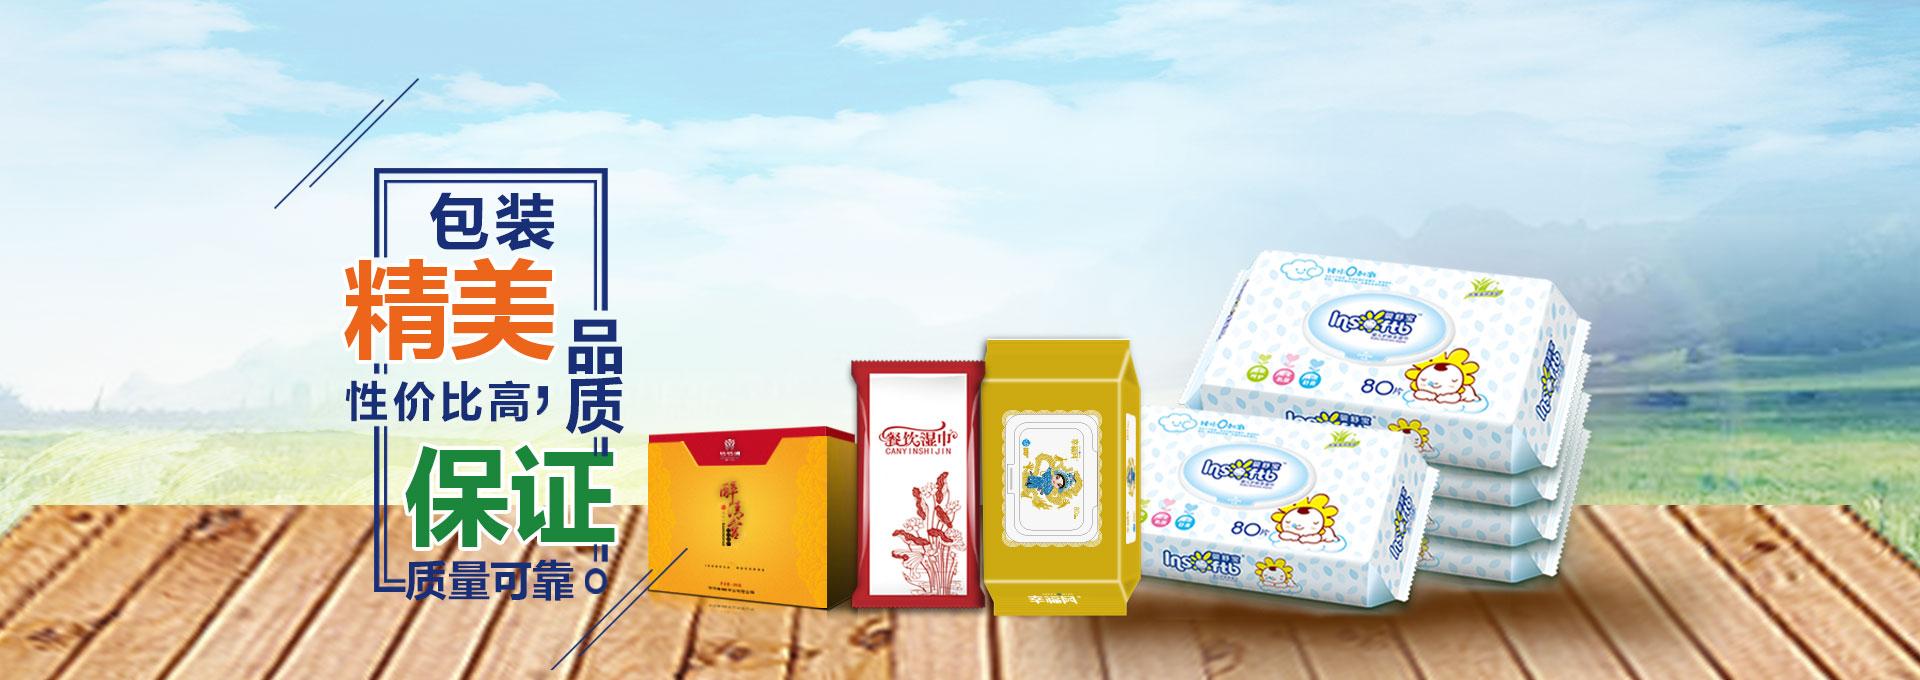 沈阳食品包装袋